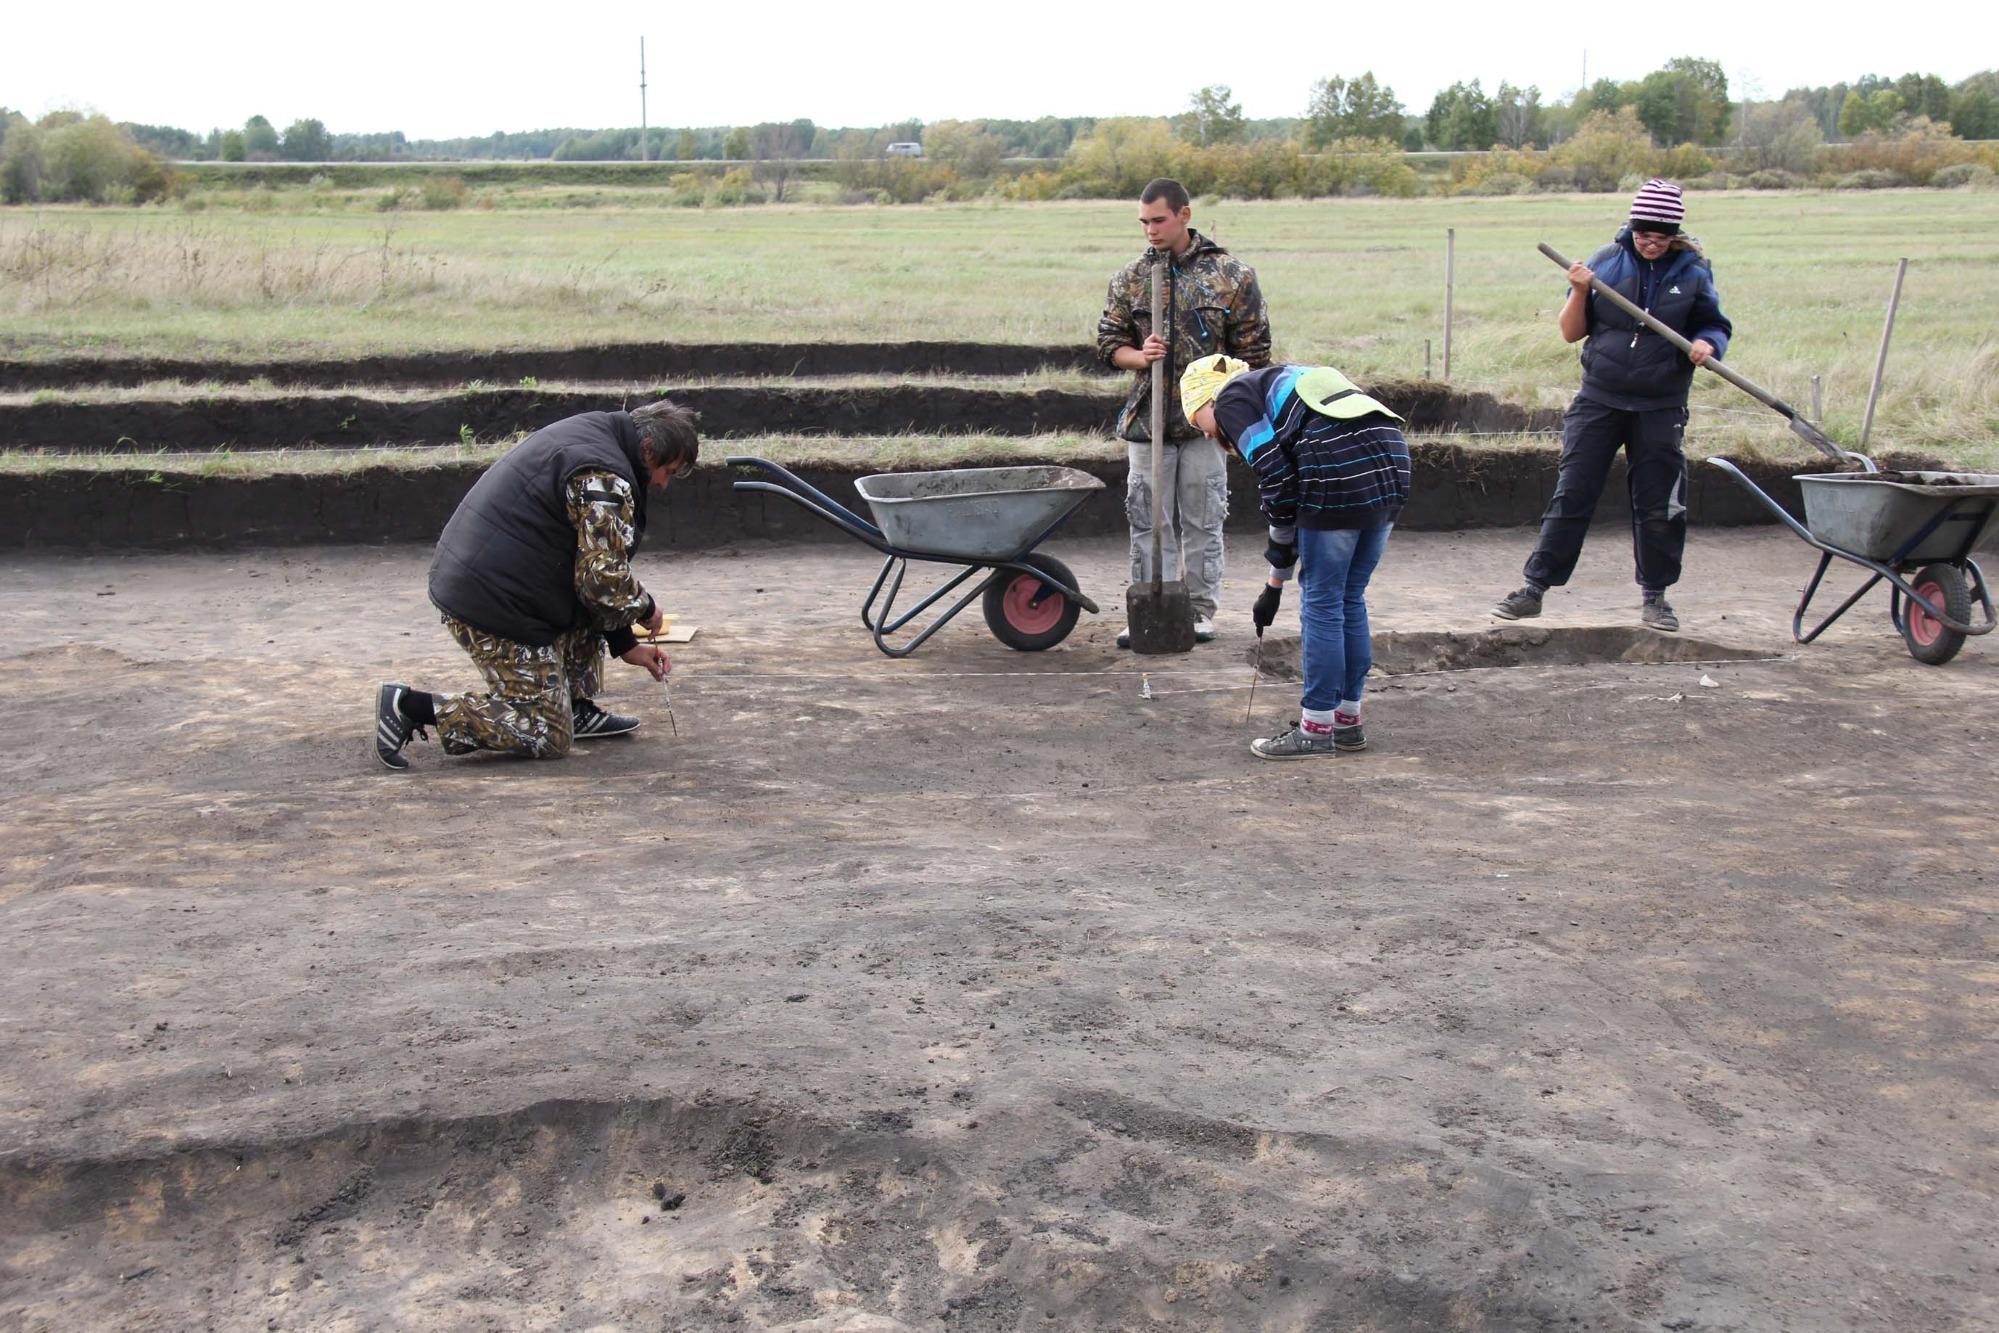 В Венгеровском районе каждый год трудятся археологи. По словам местных, они живут в полевых условиях у раскопок, но часто приезжают в село